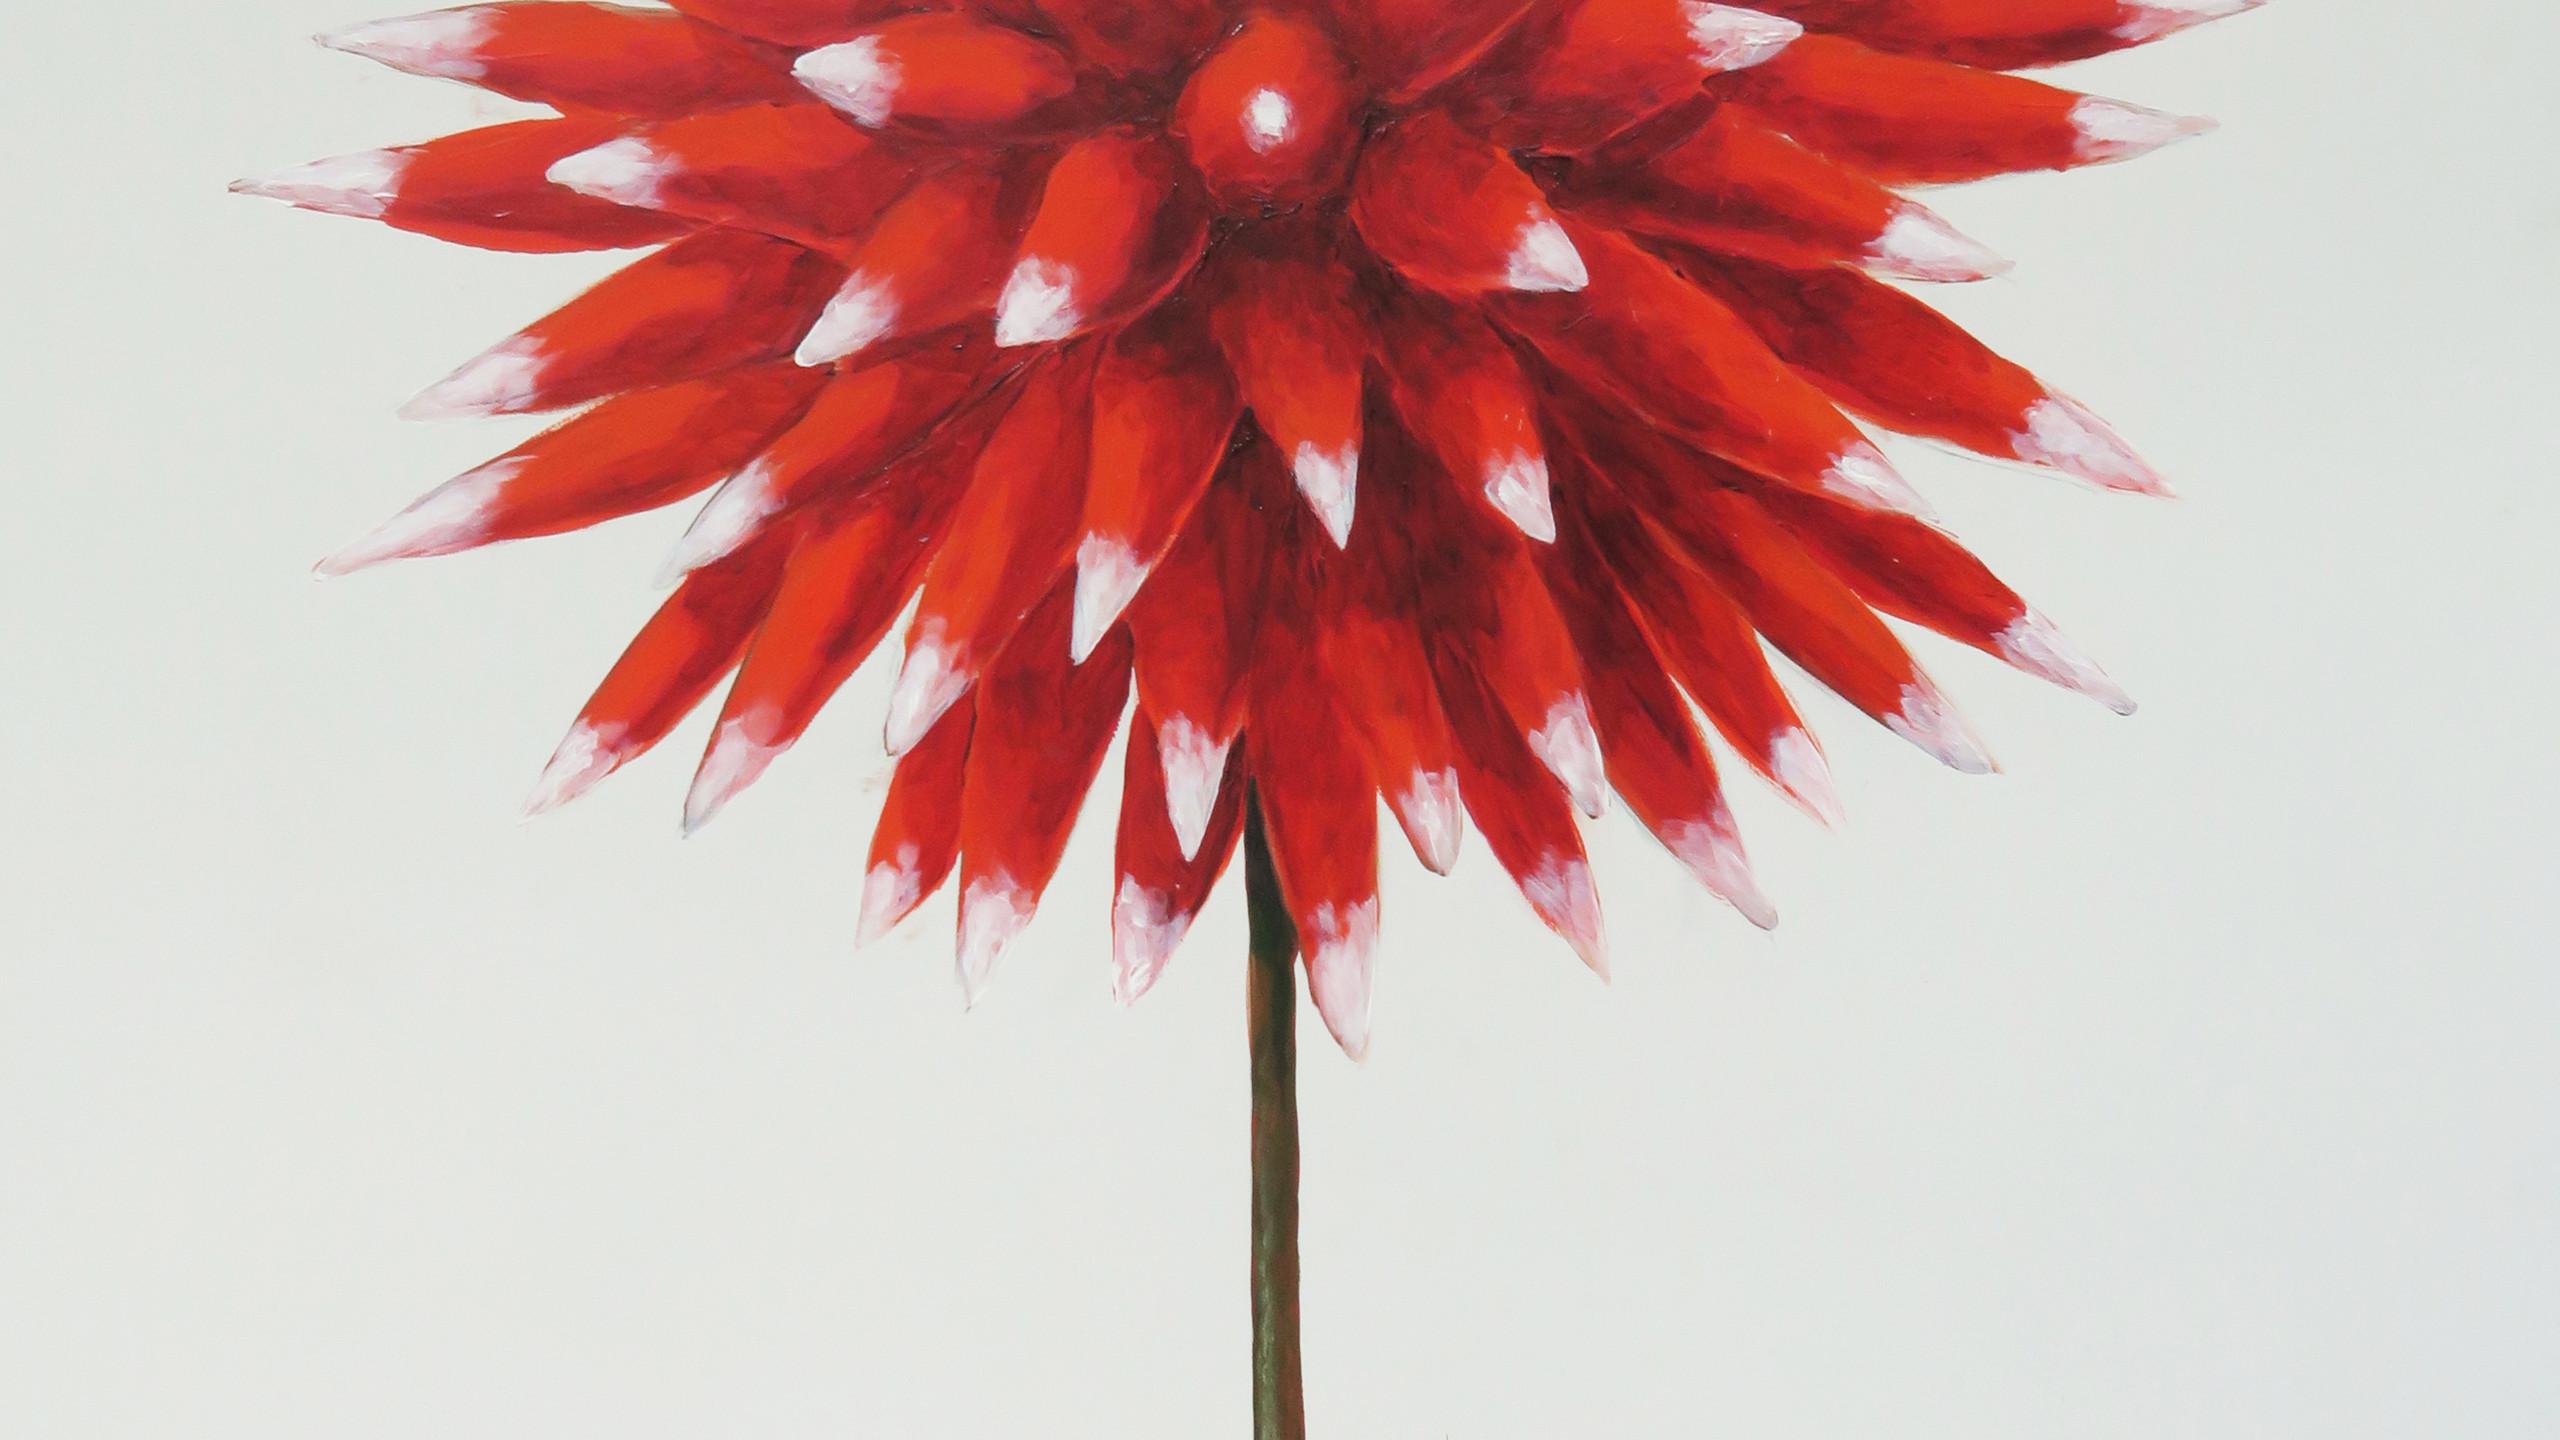 flor-50-x-71-cm-1556571429